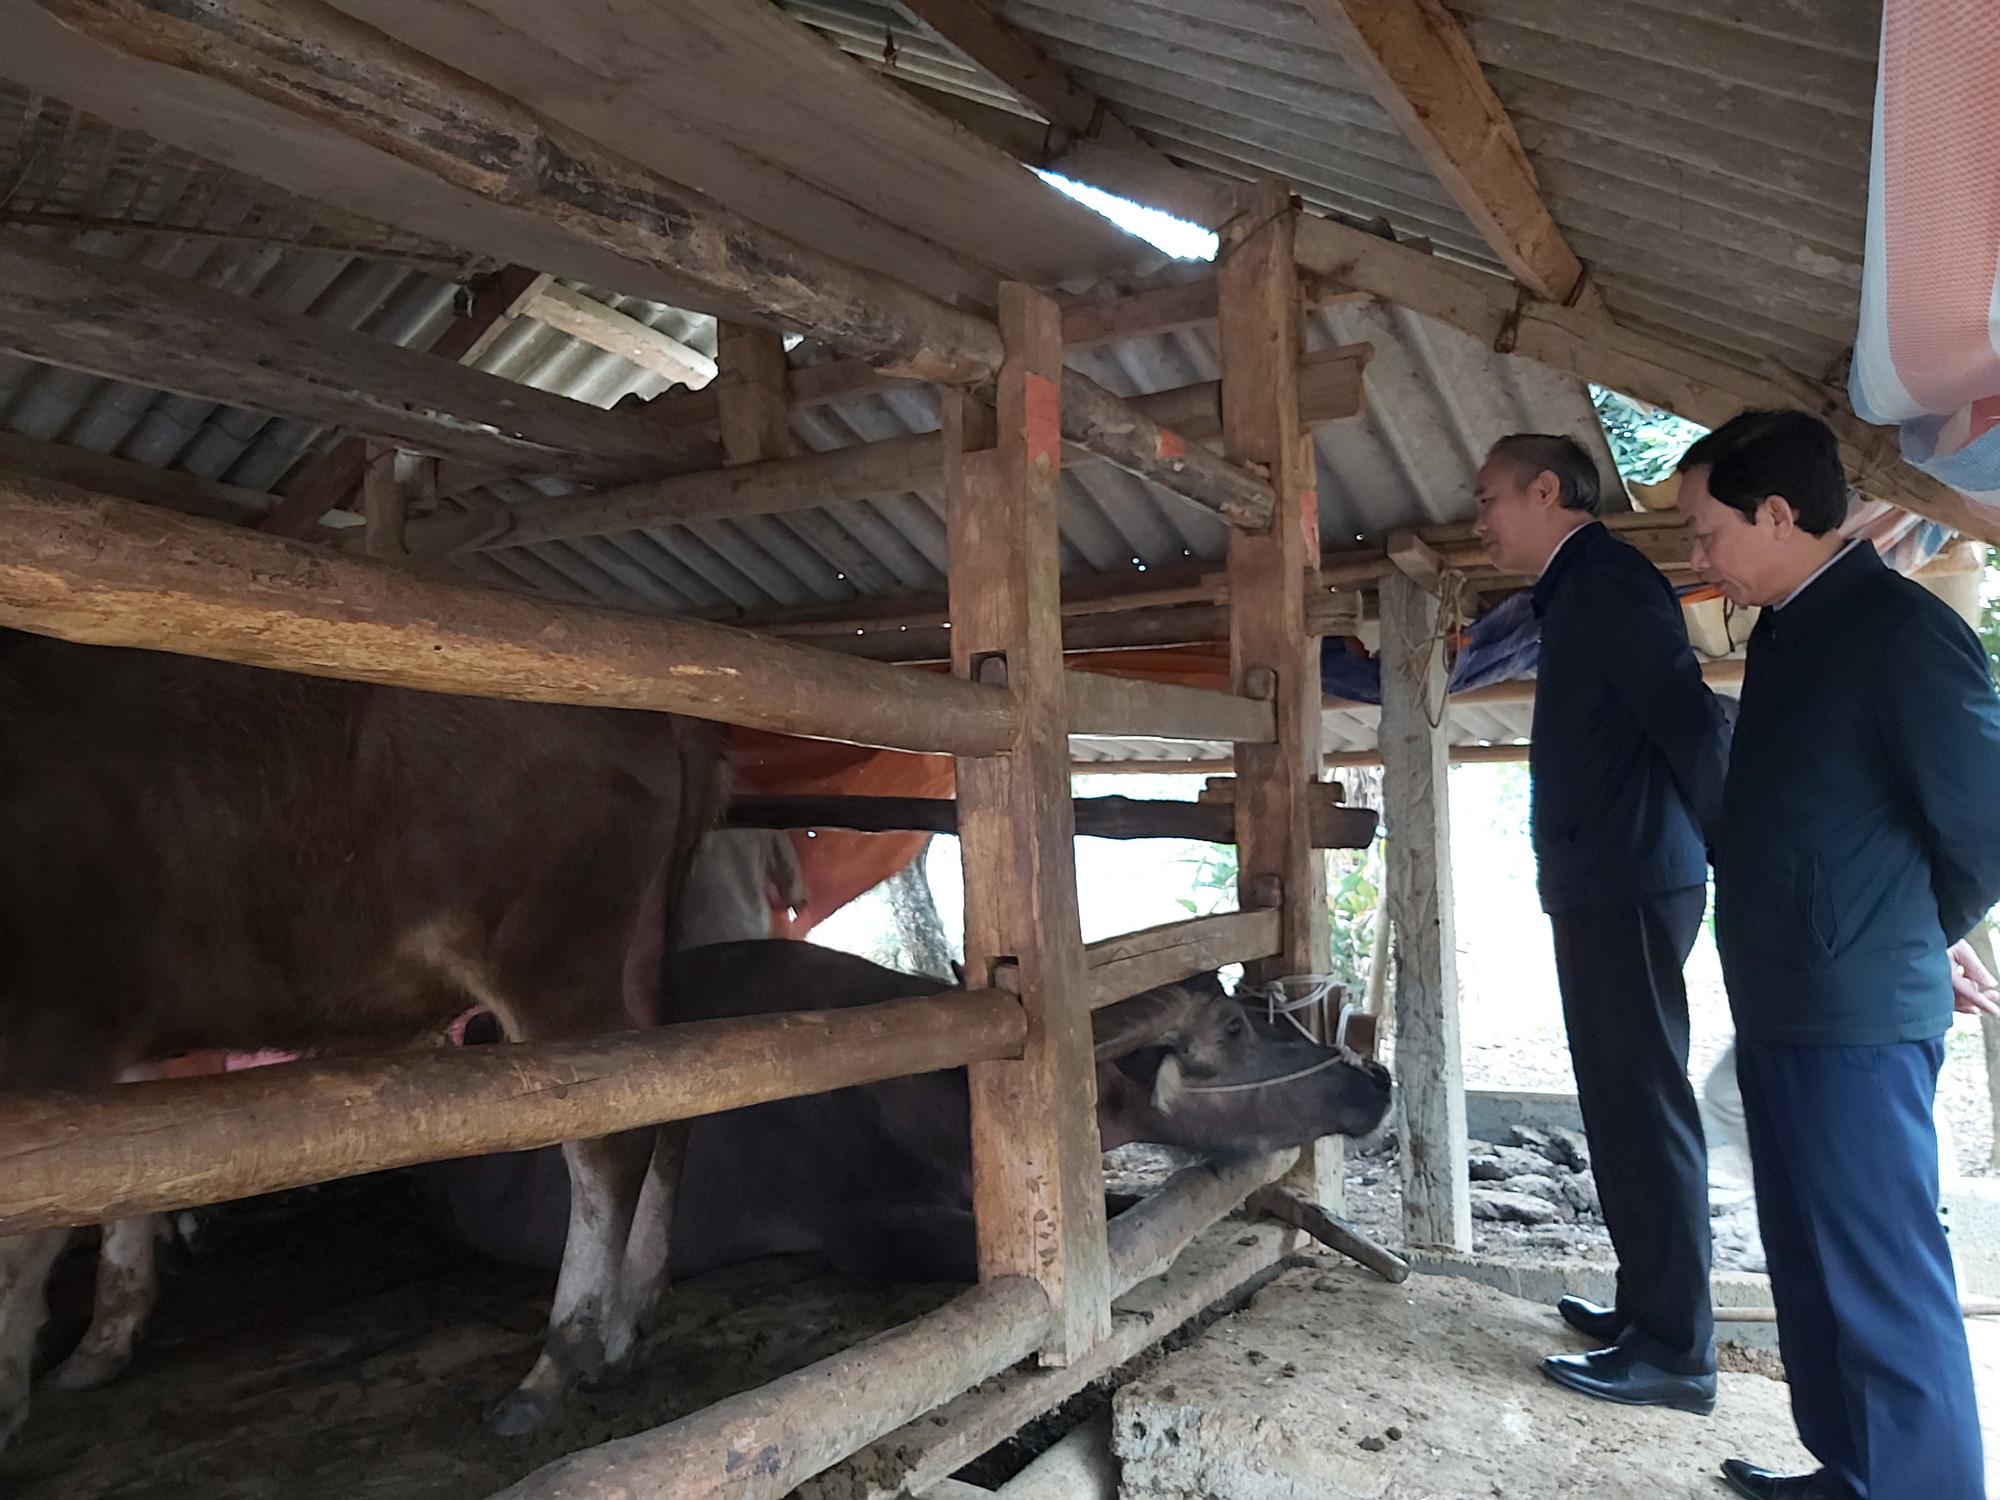 Chủ động phòng, chống đói rét cho đàn gia súc, Hà Giang giảm thiểu tối đa thiệt hại - Ảnh 2.